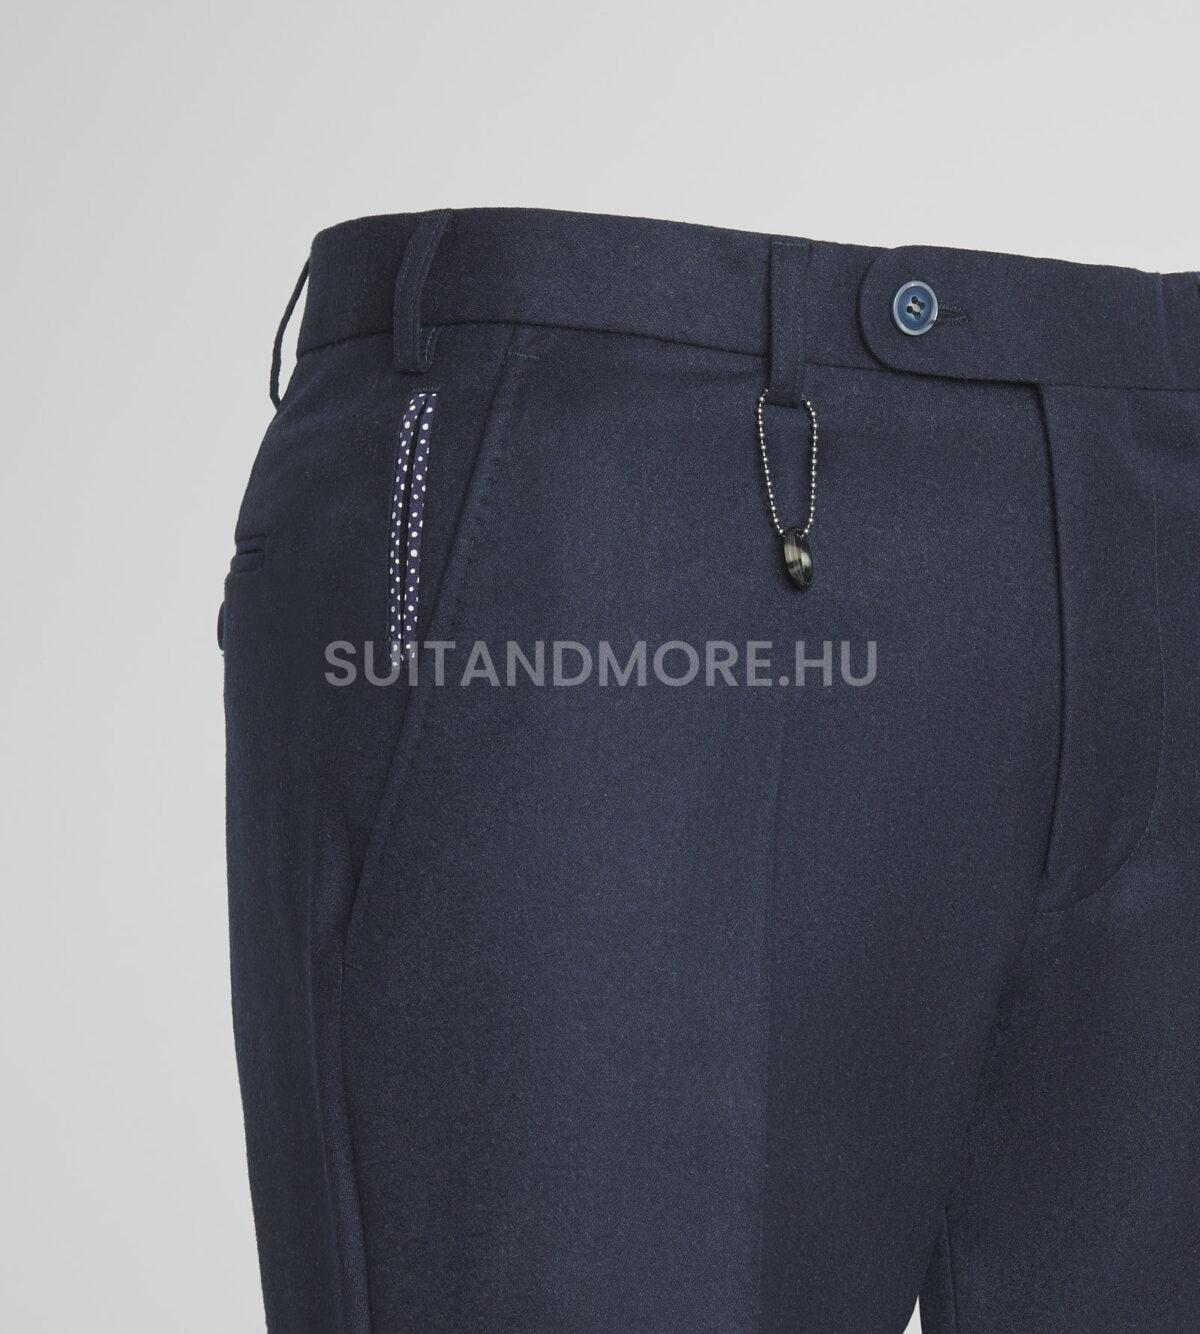 sötétkék-modern-fit-gyapjú-kasmír-szövetnadrág-SERGIO-1261209-22-02